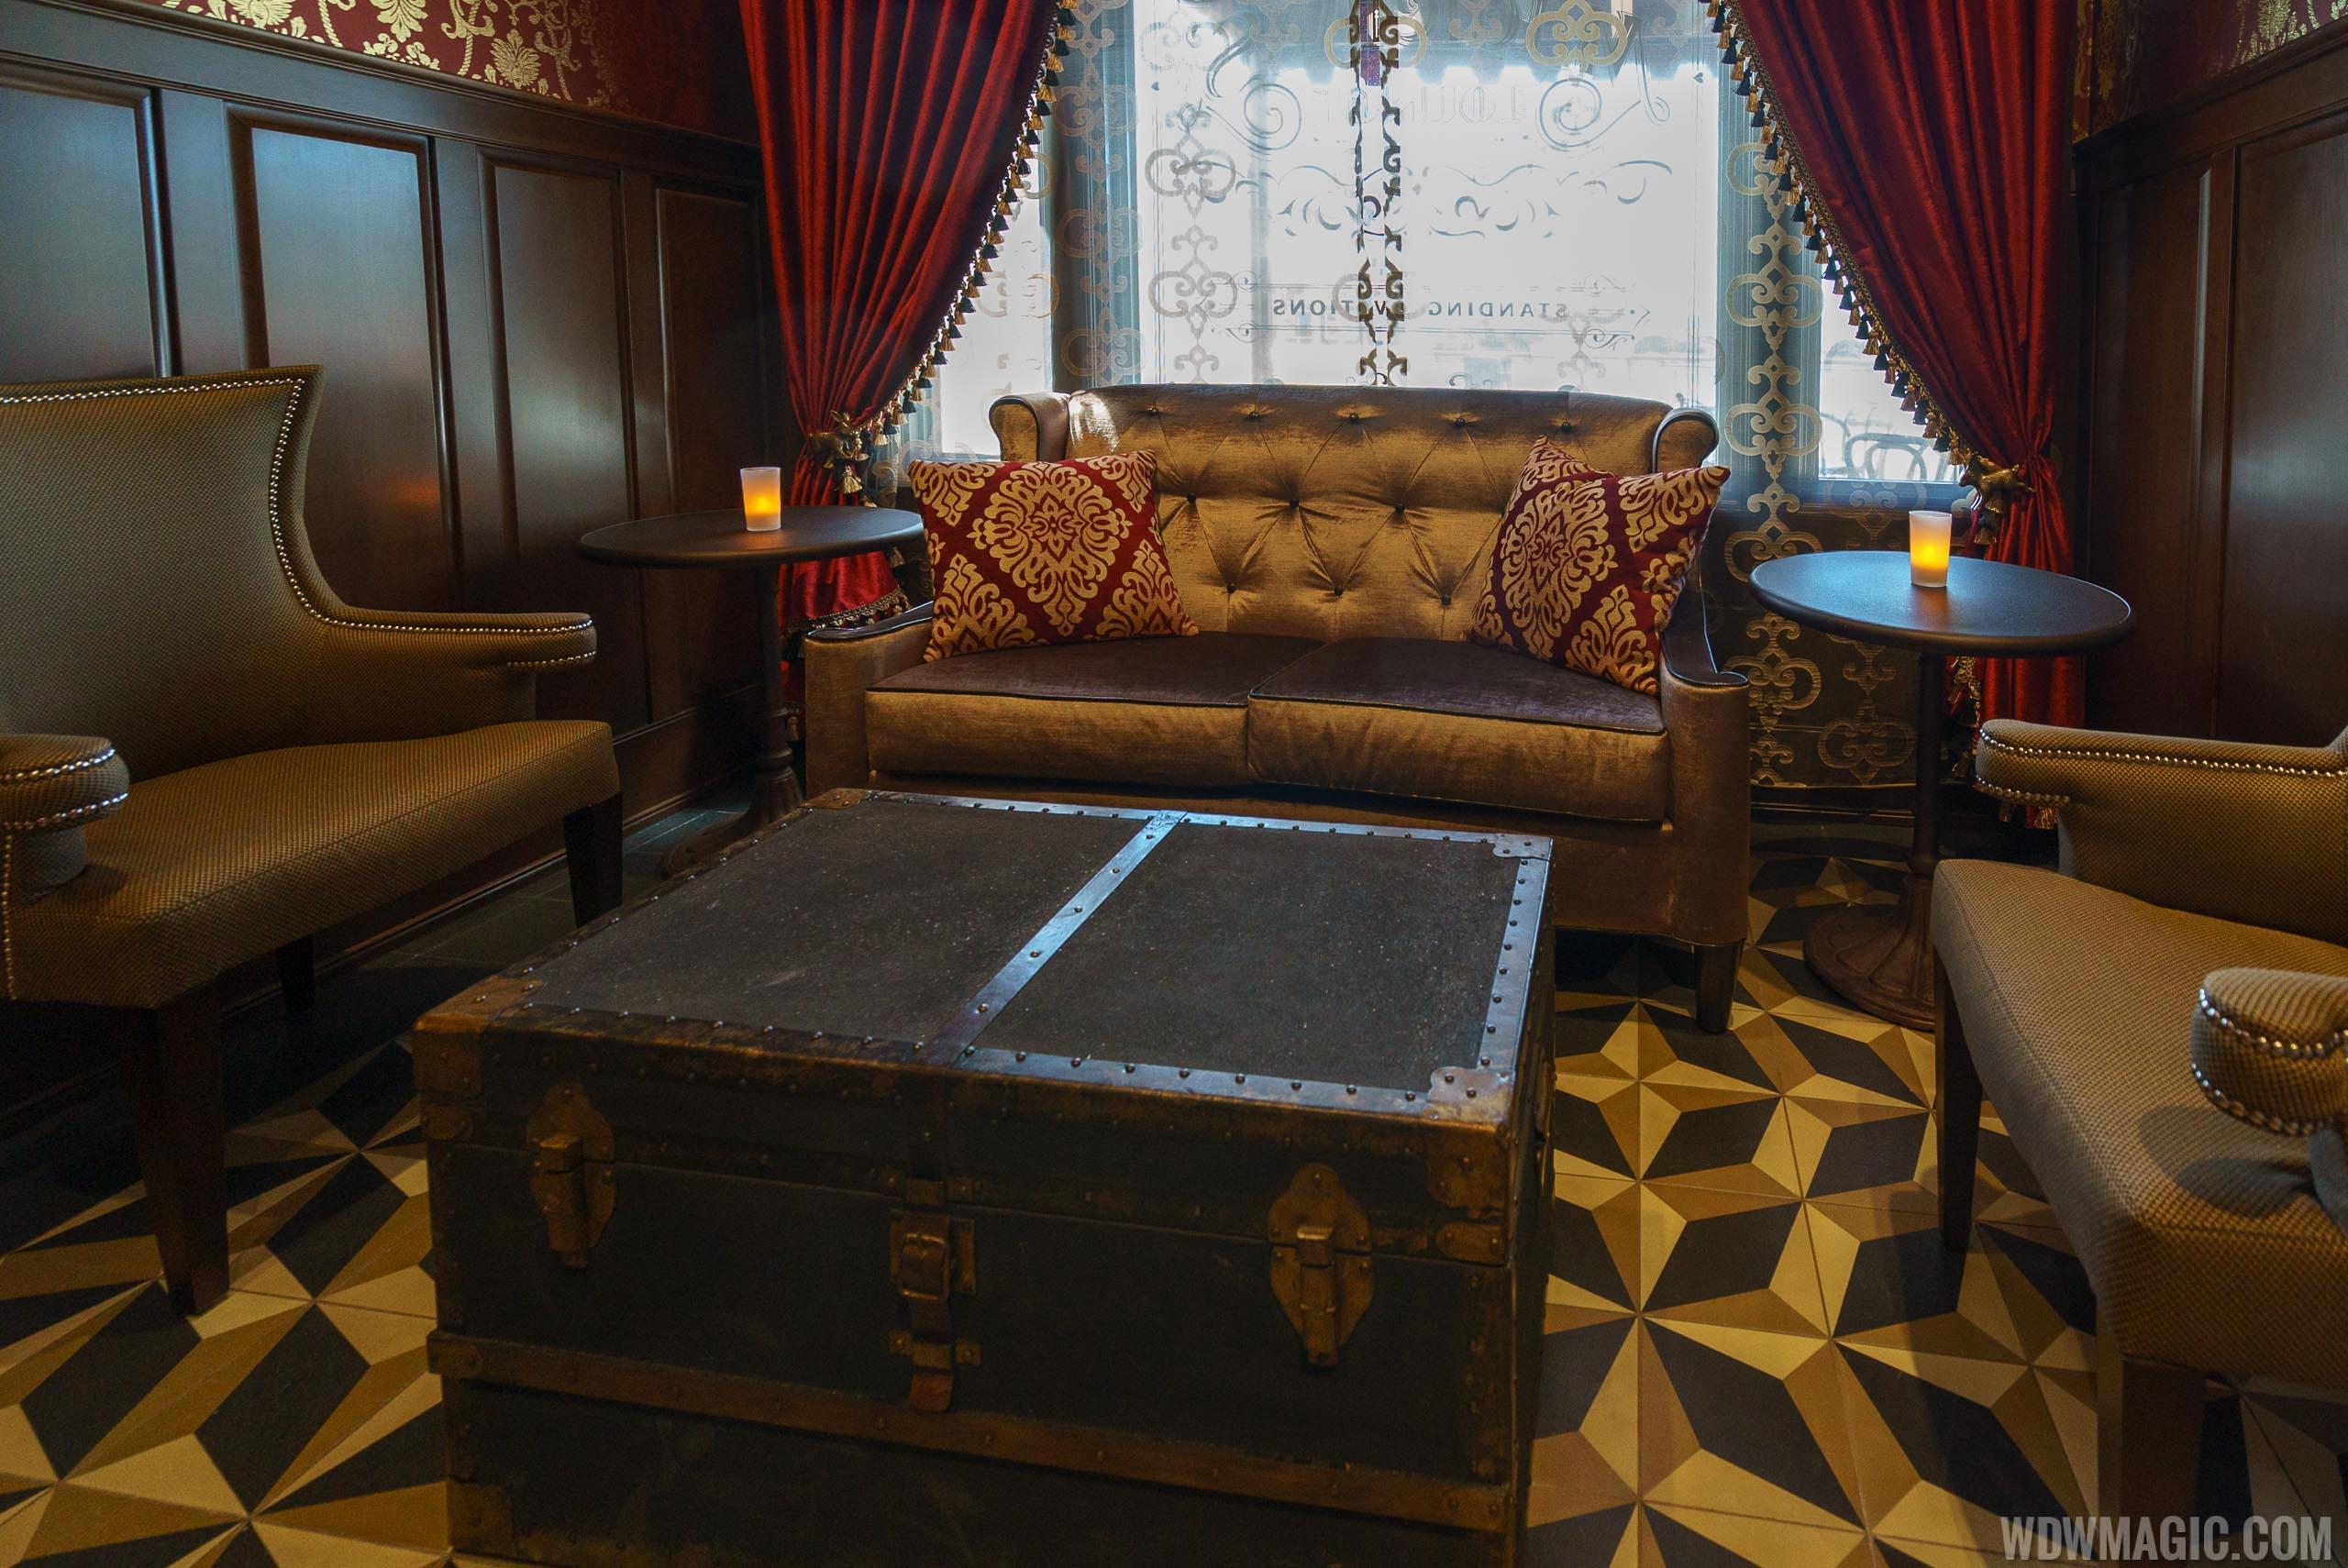 AbracadaBAR seating